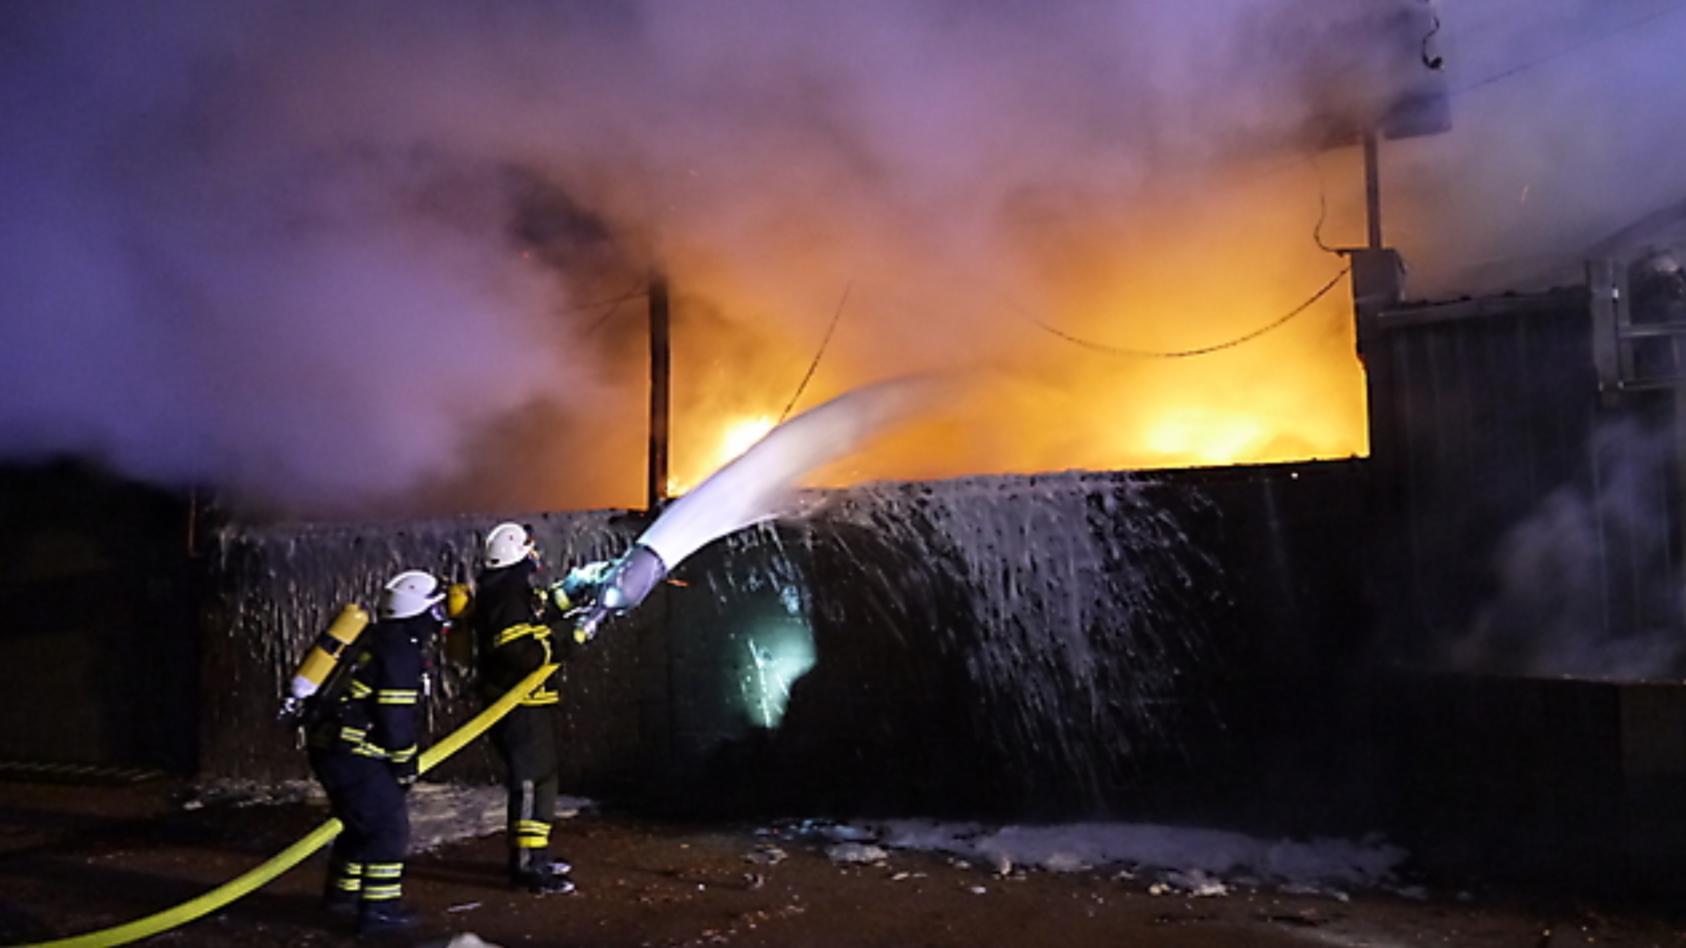 Feuerwehr löscht Brand an einem Hühnerstall in Lockstedt